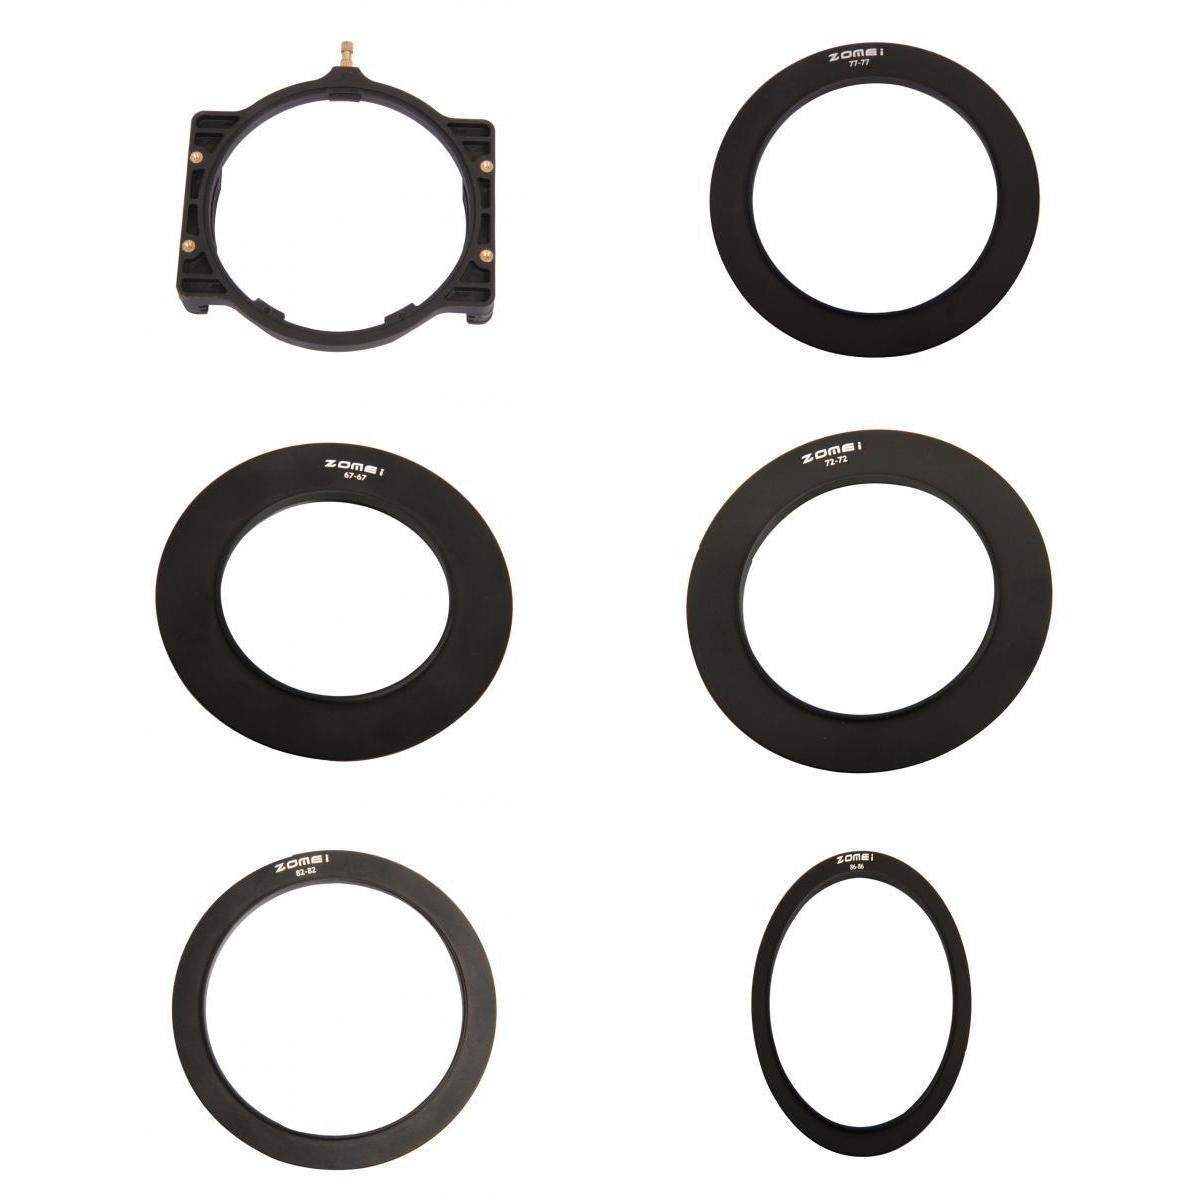 Zomei multifunci/ón Adapteur soporte de FITRE cuadrado 150/* 100/mm 100/* 100/mm anillo adaptado a la objetivo para Lee Cokin Z System